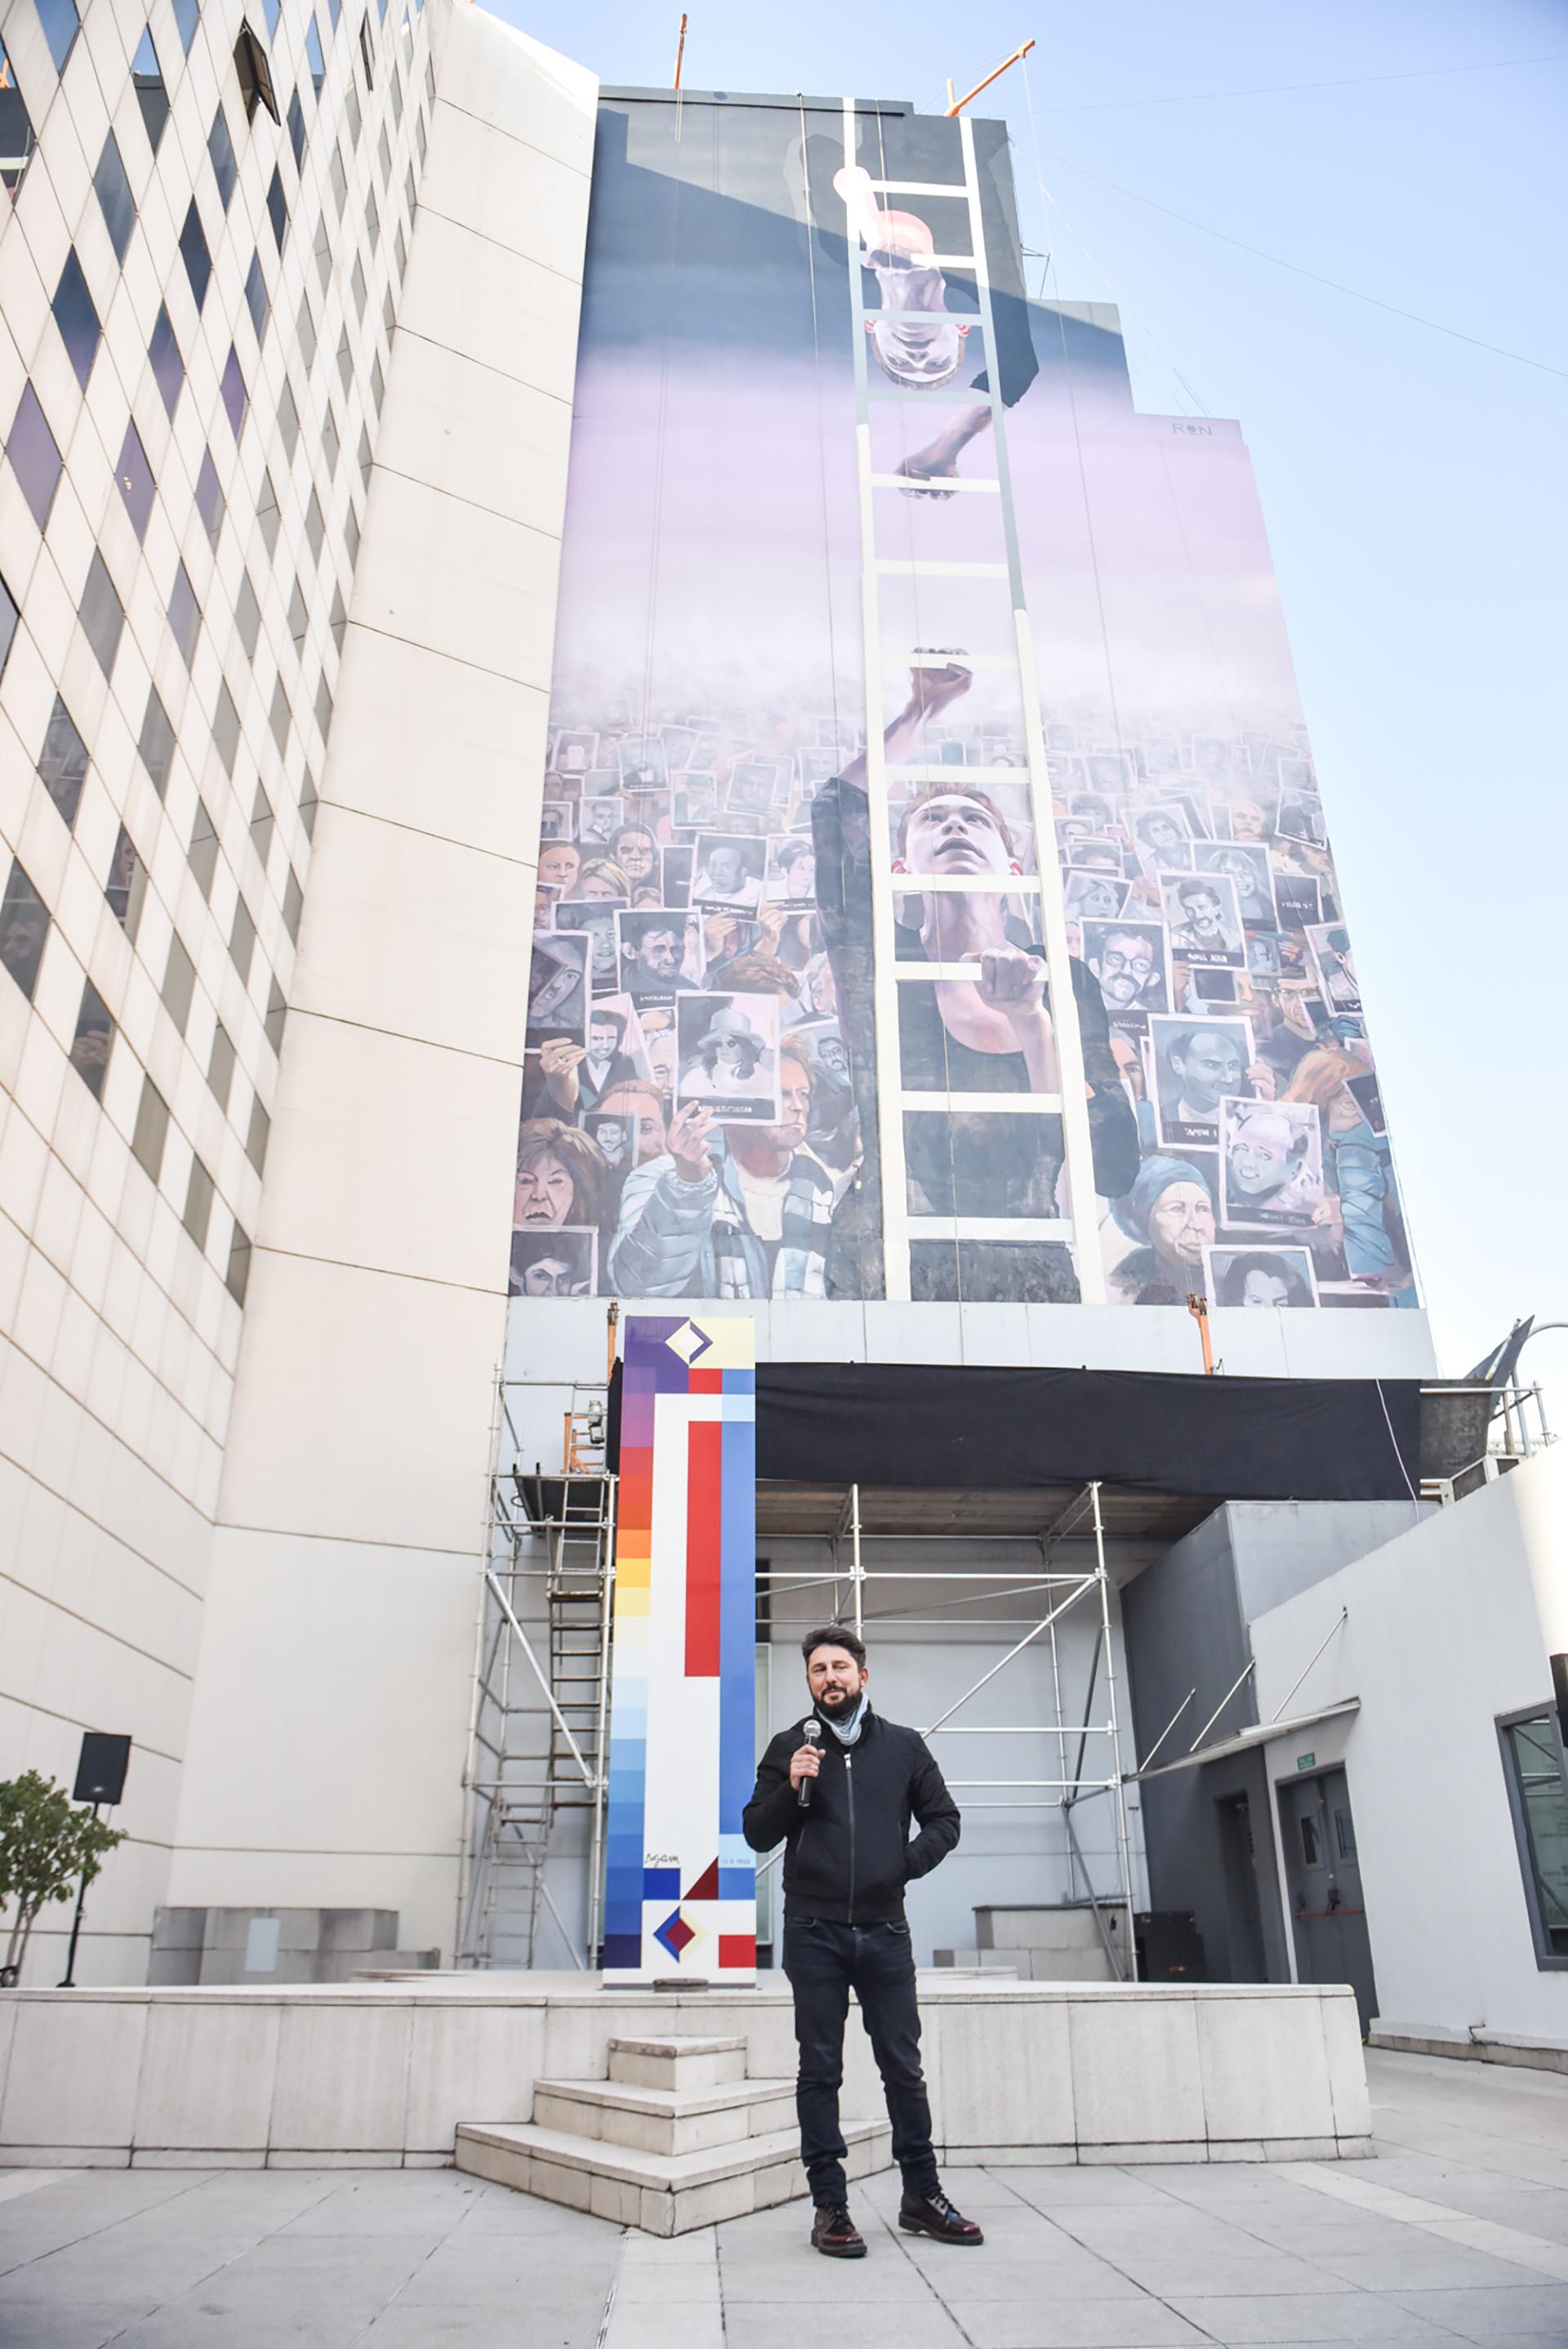 El mural alude también a las manifestaciones por el pedido de justicia, que se realizan cada 18 de julio, en el acto central frente a la sede de AMIA